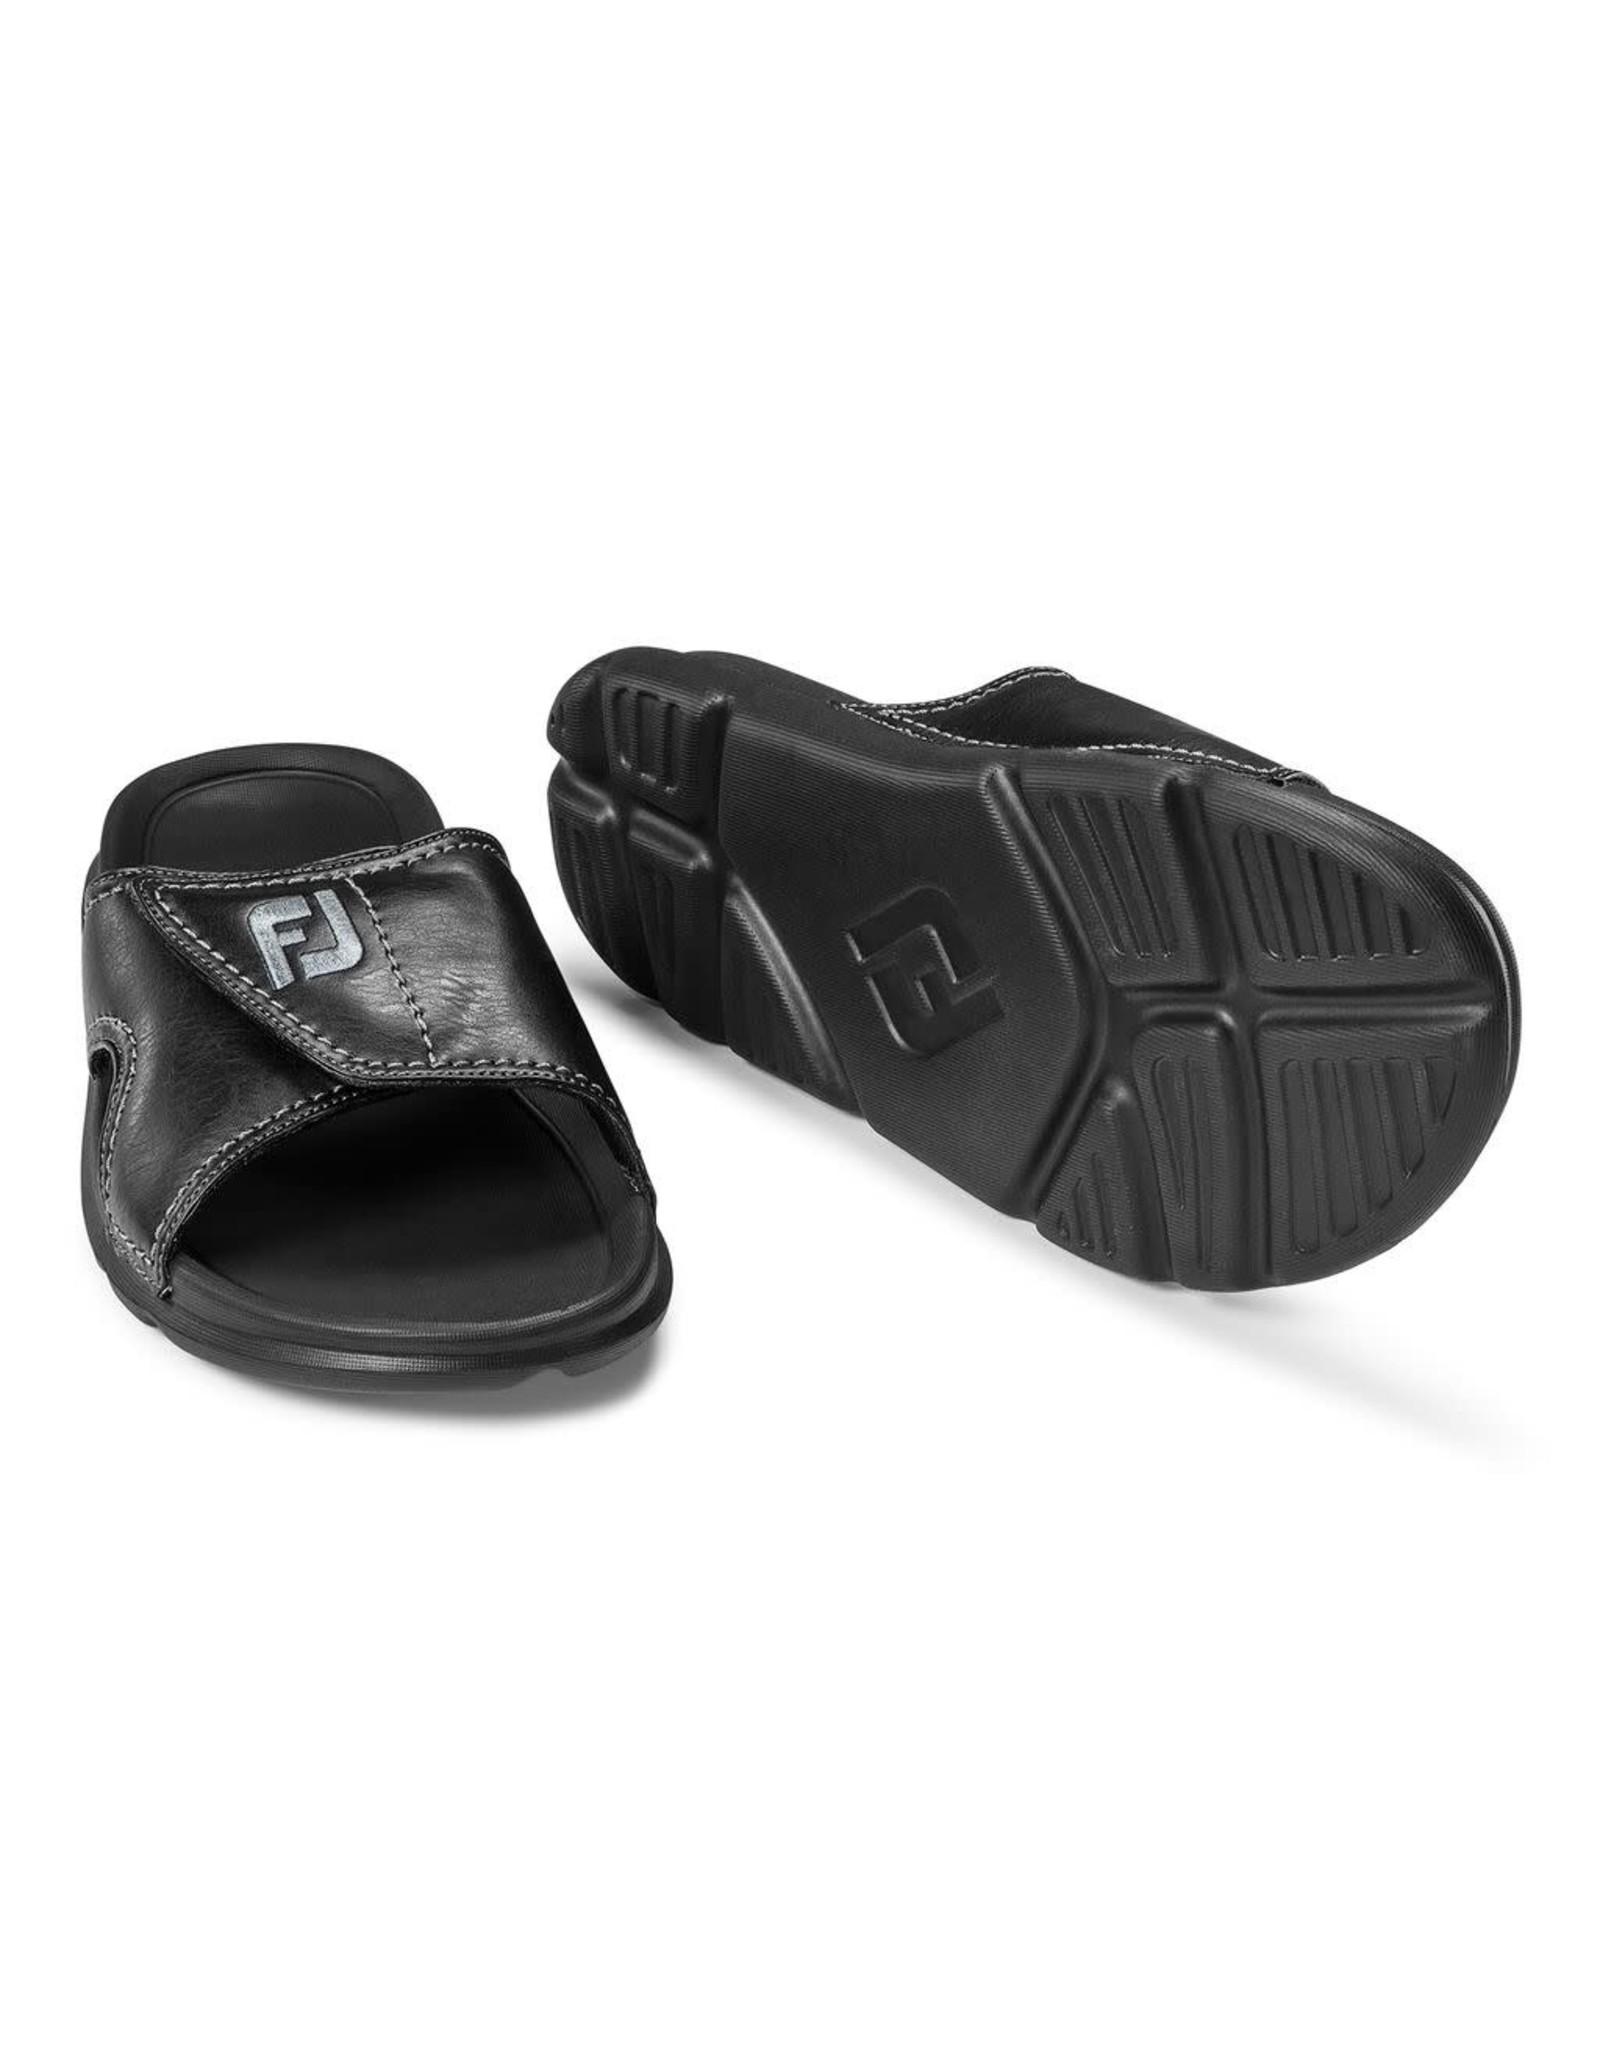 FJ FJ Slide Black